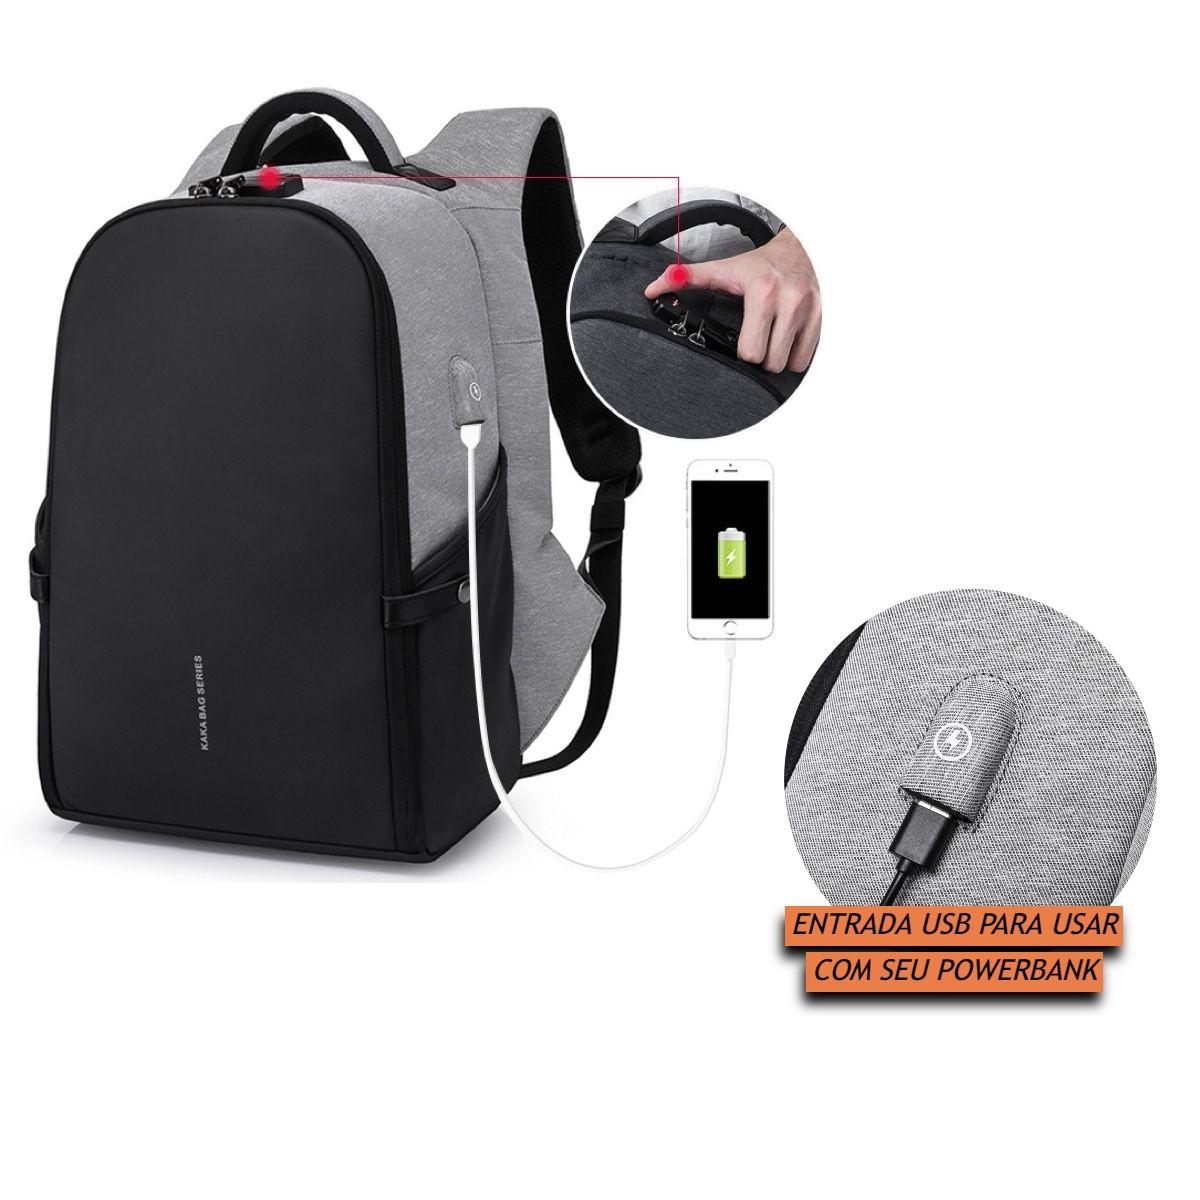 Mochila Antifurto Impermeável Premium com Cadeado de Código e Trava para Notebooks de Até 15.6 Polegadas e Tablets Resistente de Alta Qualidade